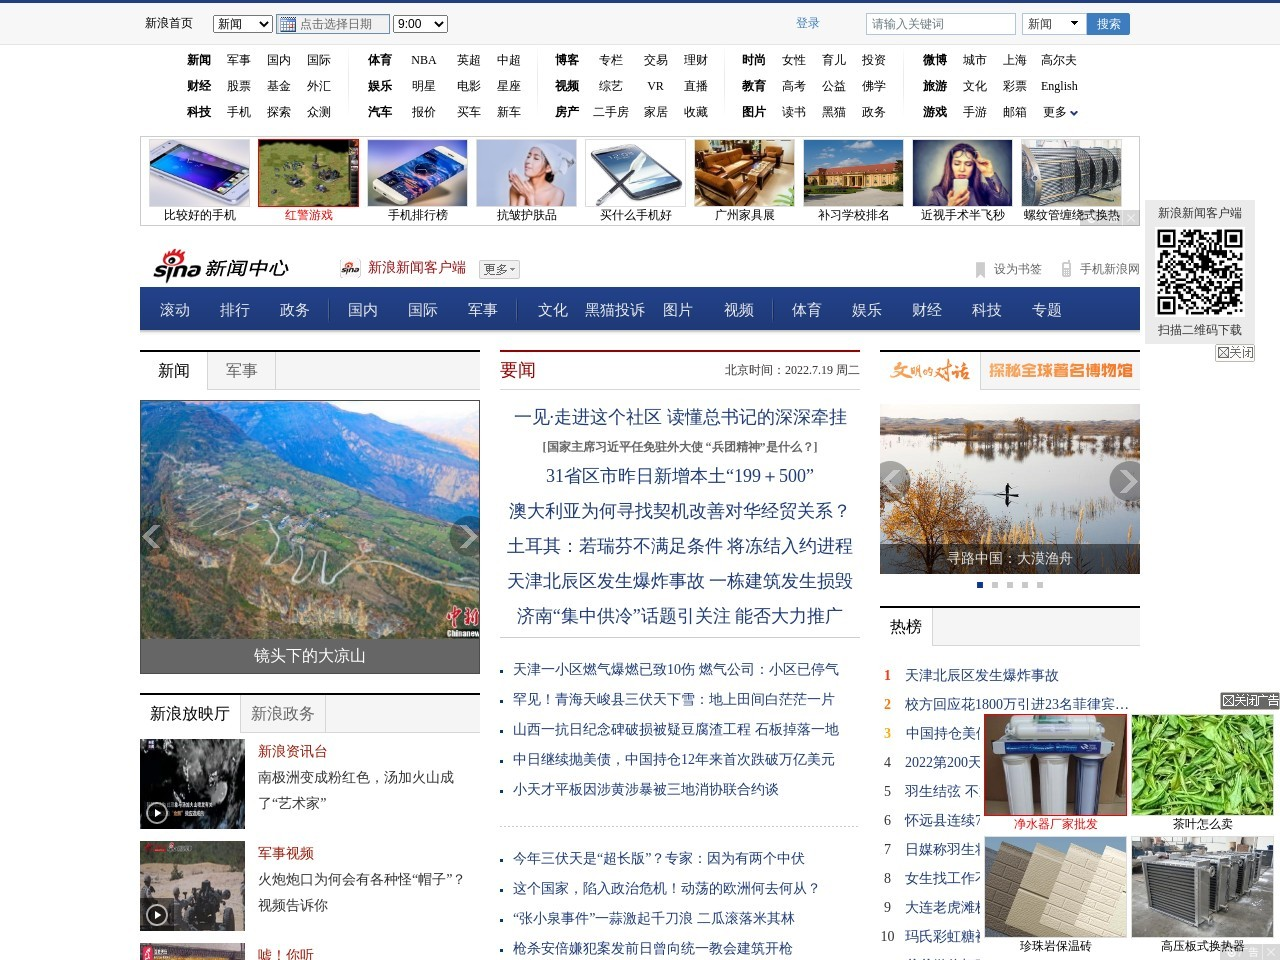 新疆宣传部副部长:协助BBC拍摄正常培训画面,解说词却完全相反|BBC|新疆|新疆维吾尔自治区_新浪新闻